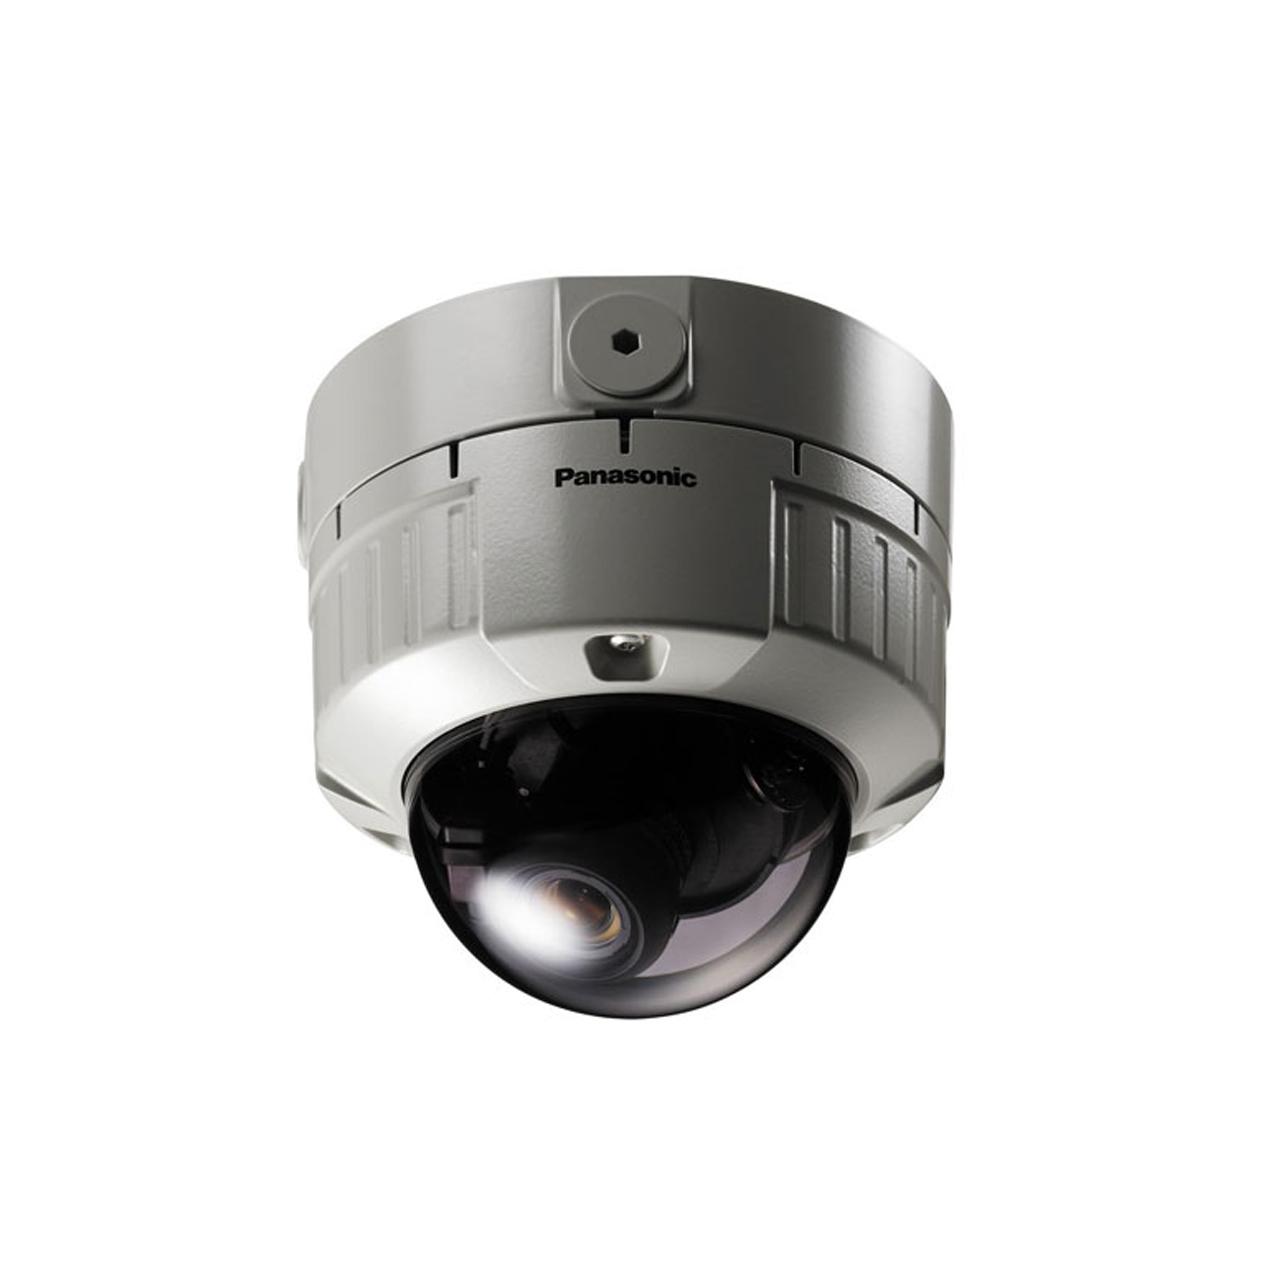 تصویر دوربین مداربسته آنالوگ پاناسونیک مدل WV-CW500